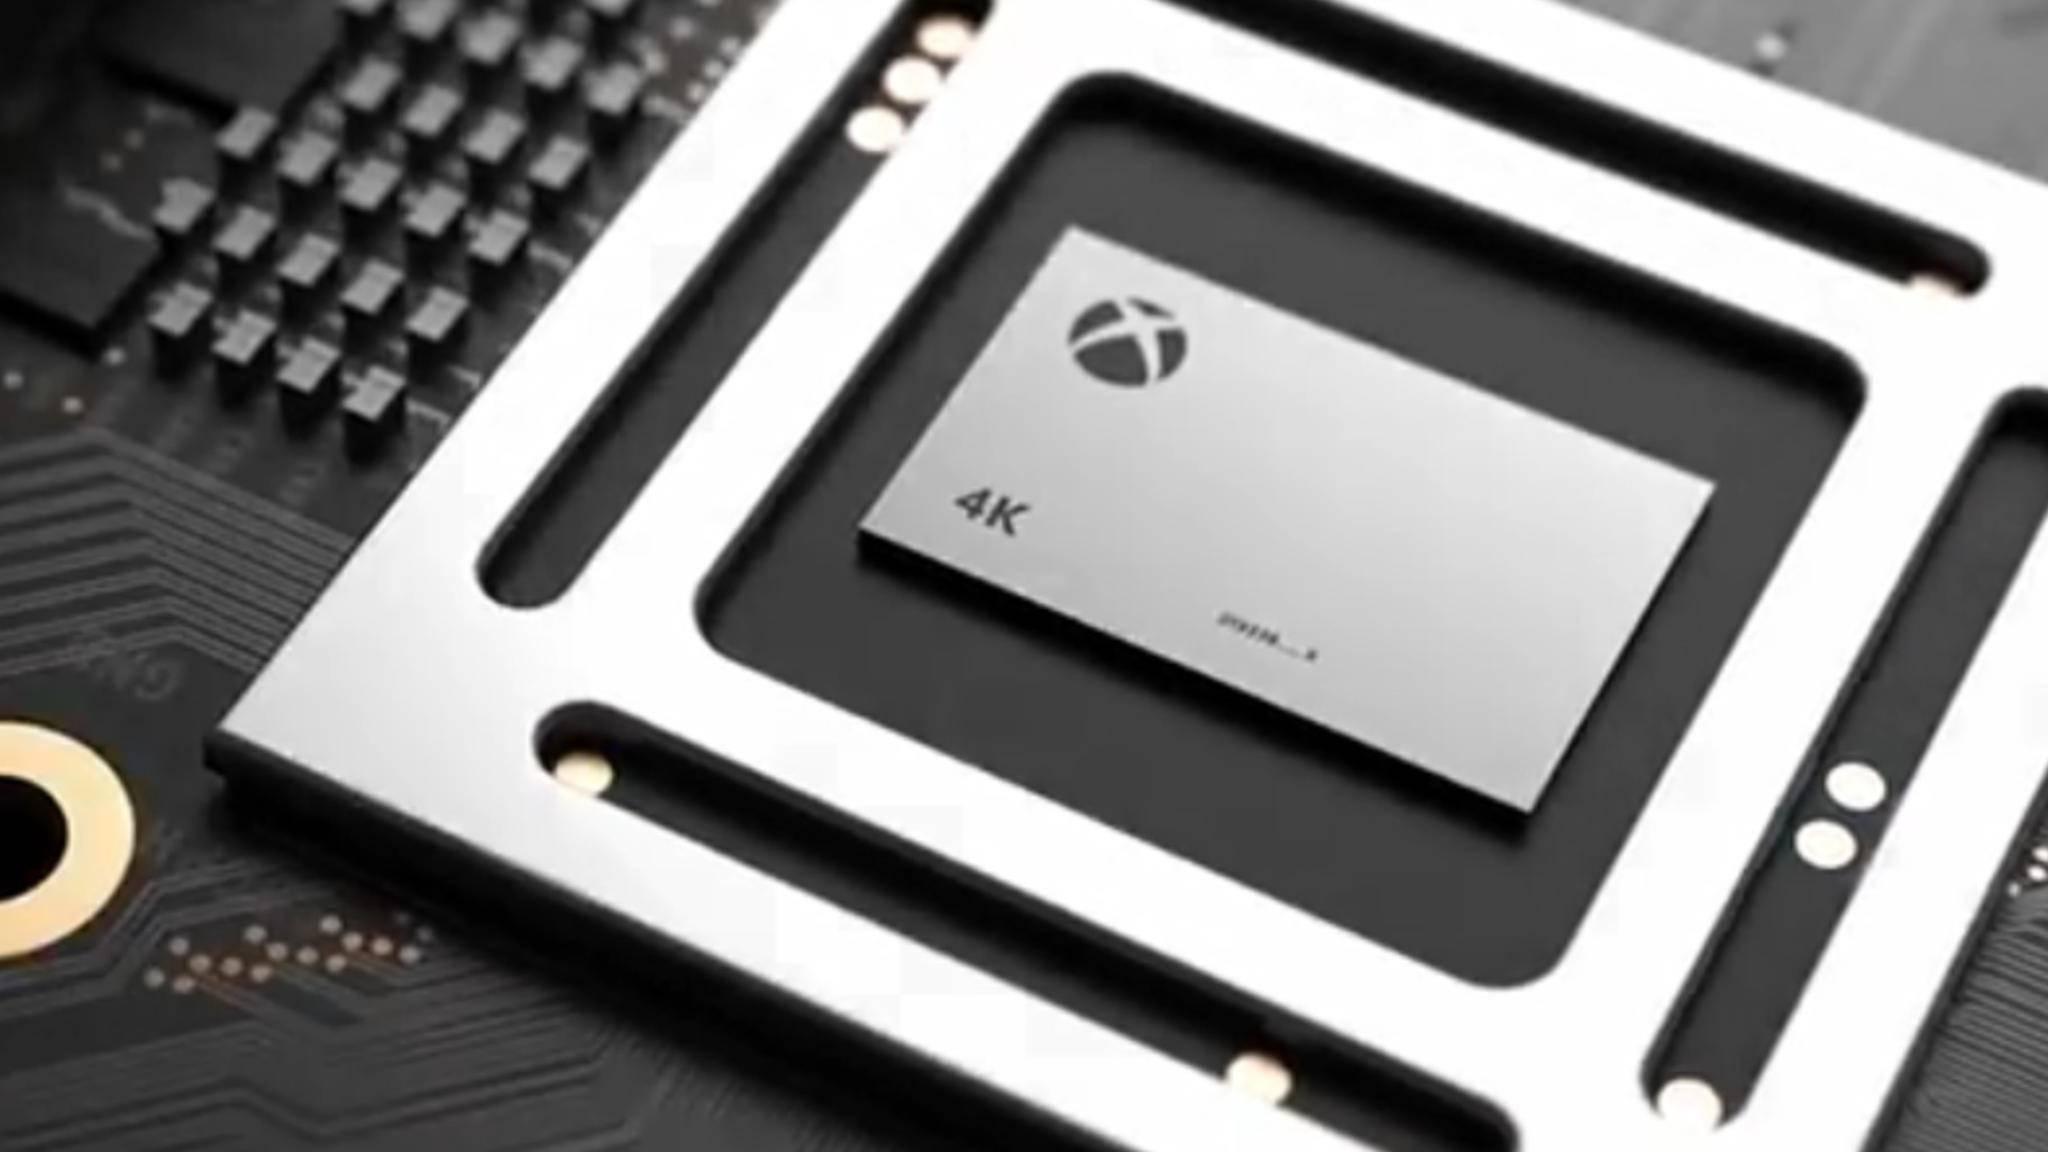 Die Scorpio wird zwar saustark, Sony wird aber keine Gegenkonsole auf den Markt bringen.